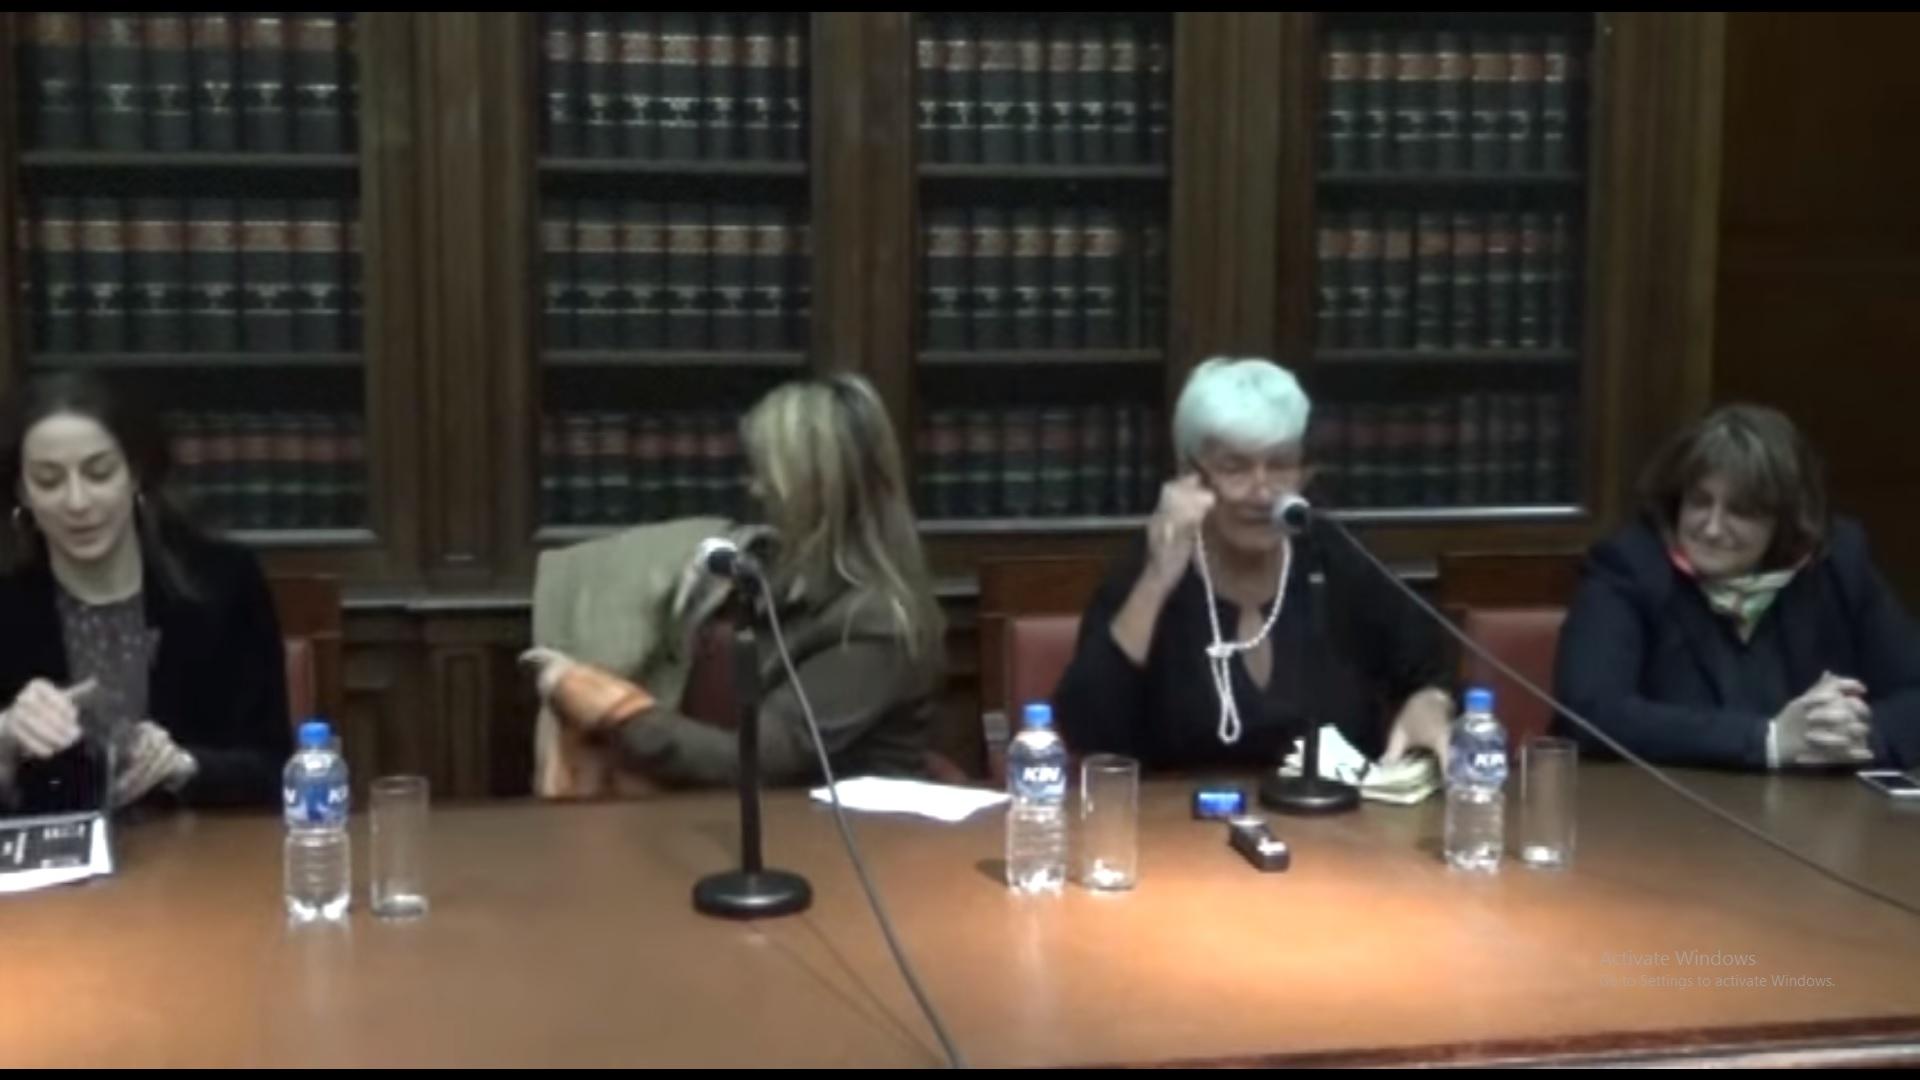 Las mujeres en el ejercicio de la abogacía: Las socias en los estudios jurídicos